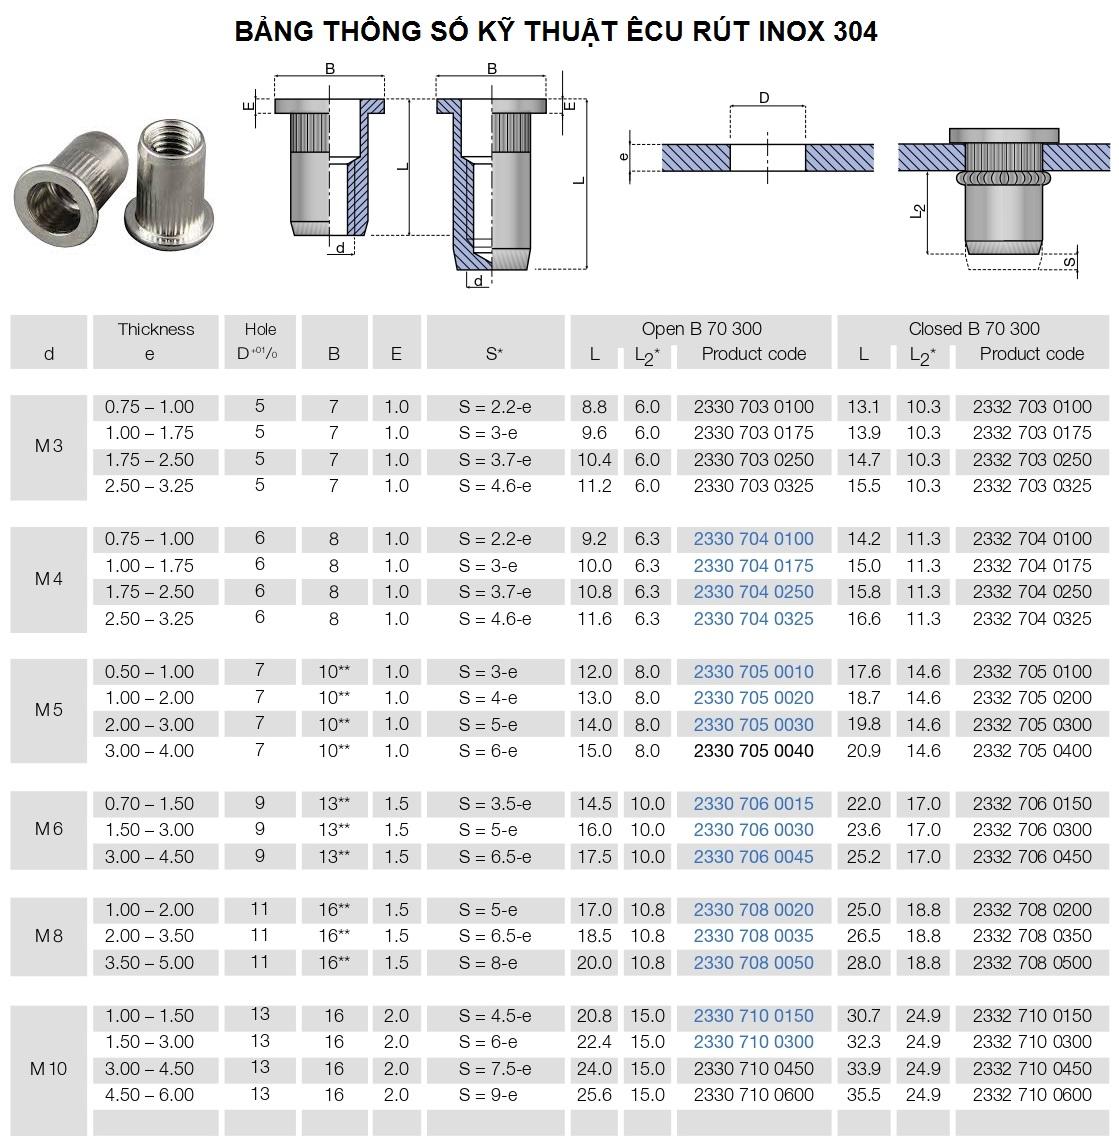 Bảng thông số kỹ thuật êcu rút inox 304